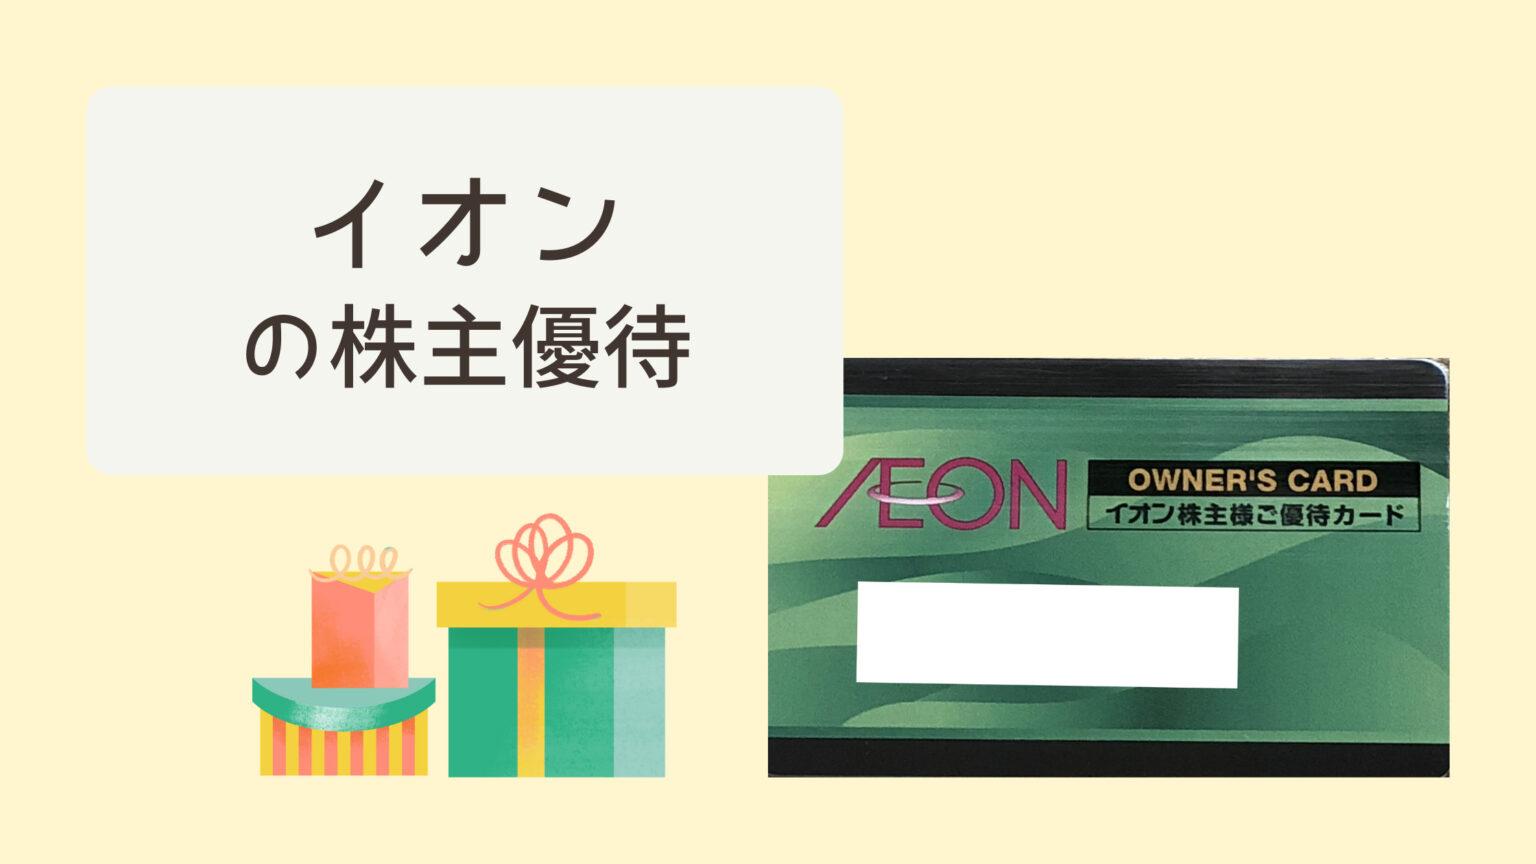 イオン 株主優待 オーナーズカード キャッシュバック 3%